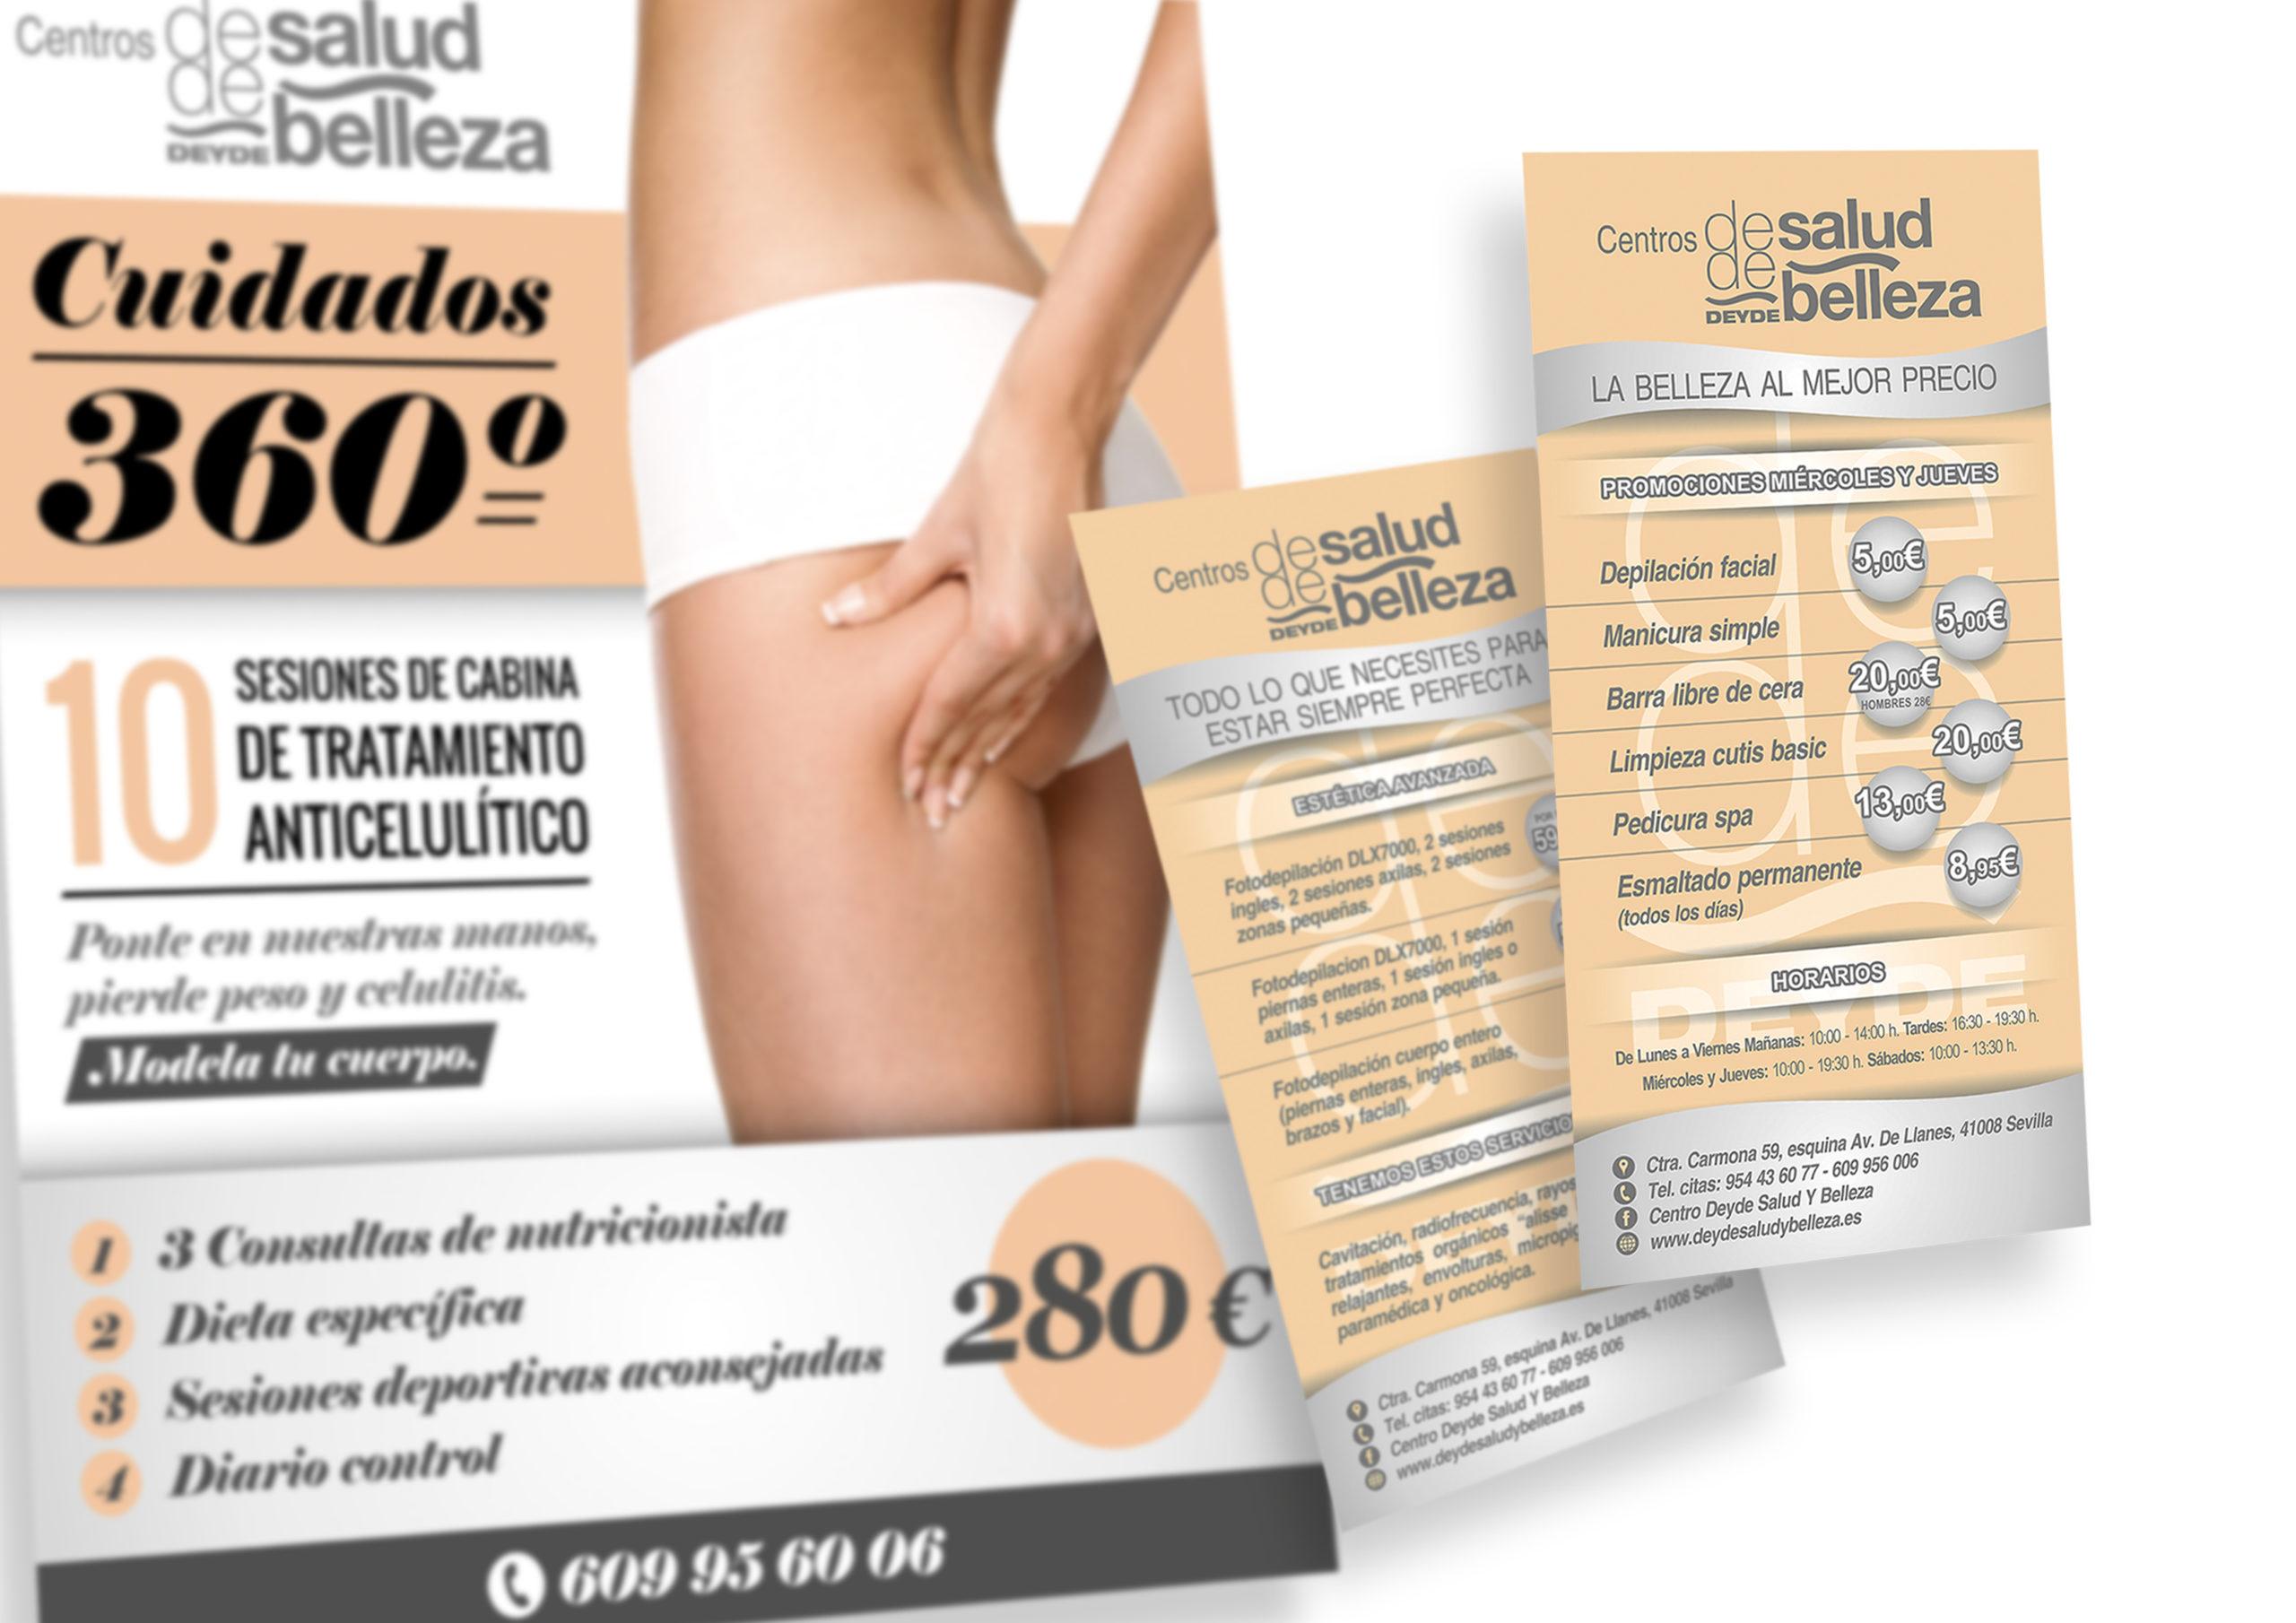 CENTRO DE SALUD Y BELLEZA DEYDE - Flyers B6 y Poster